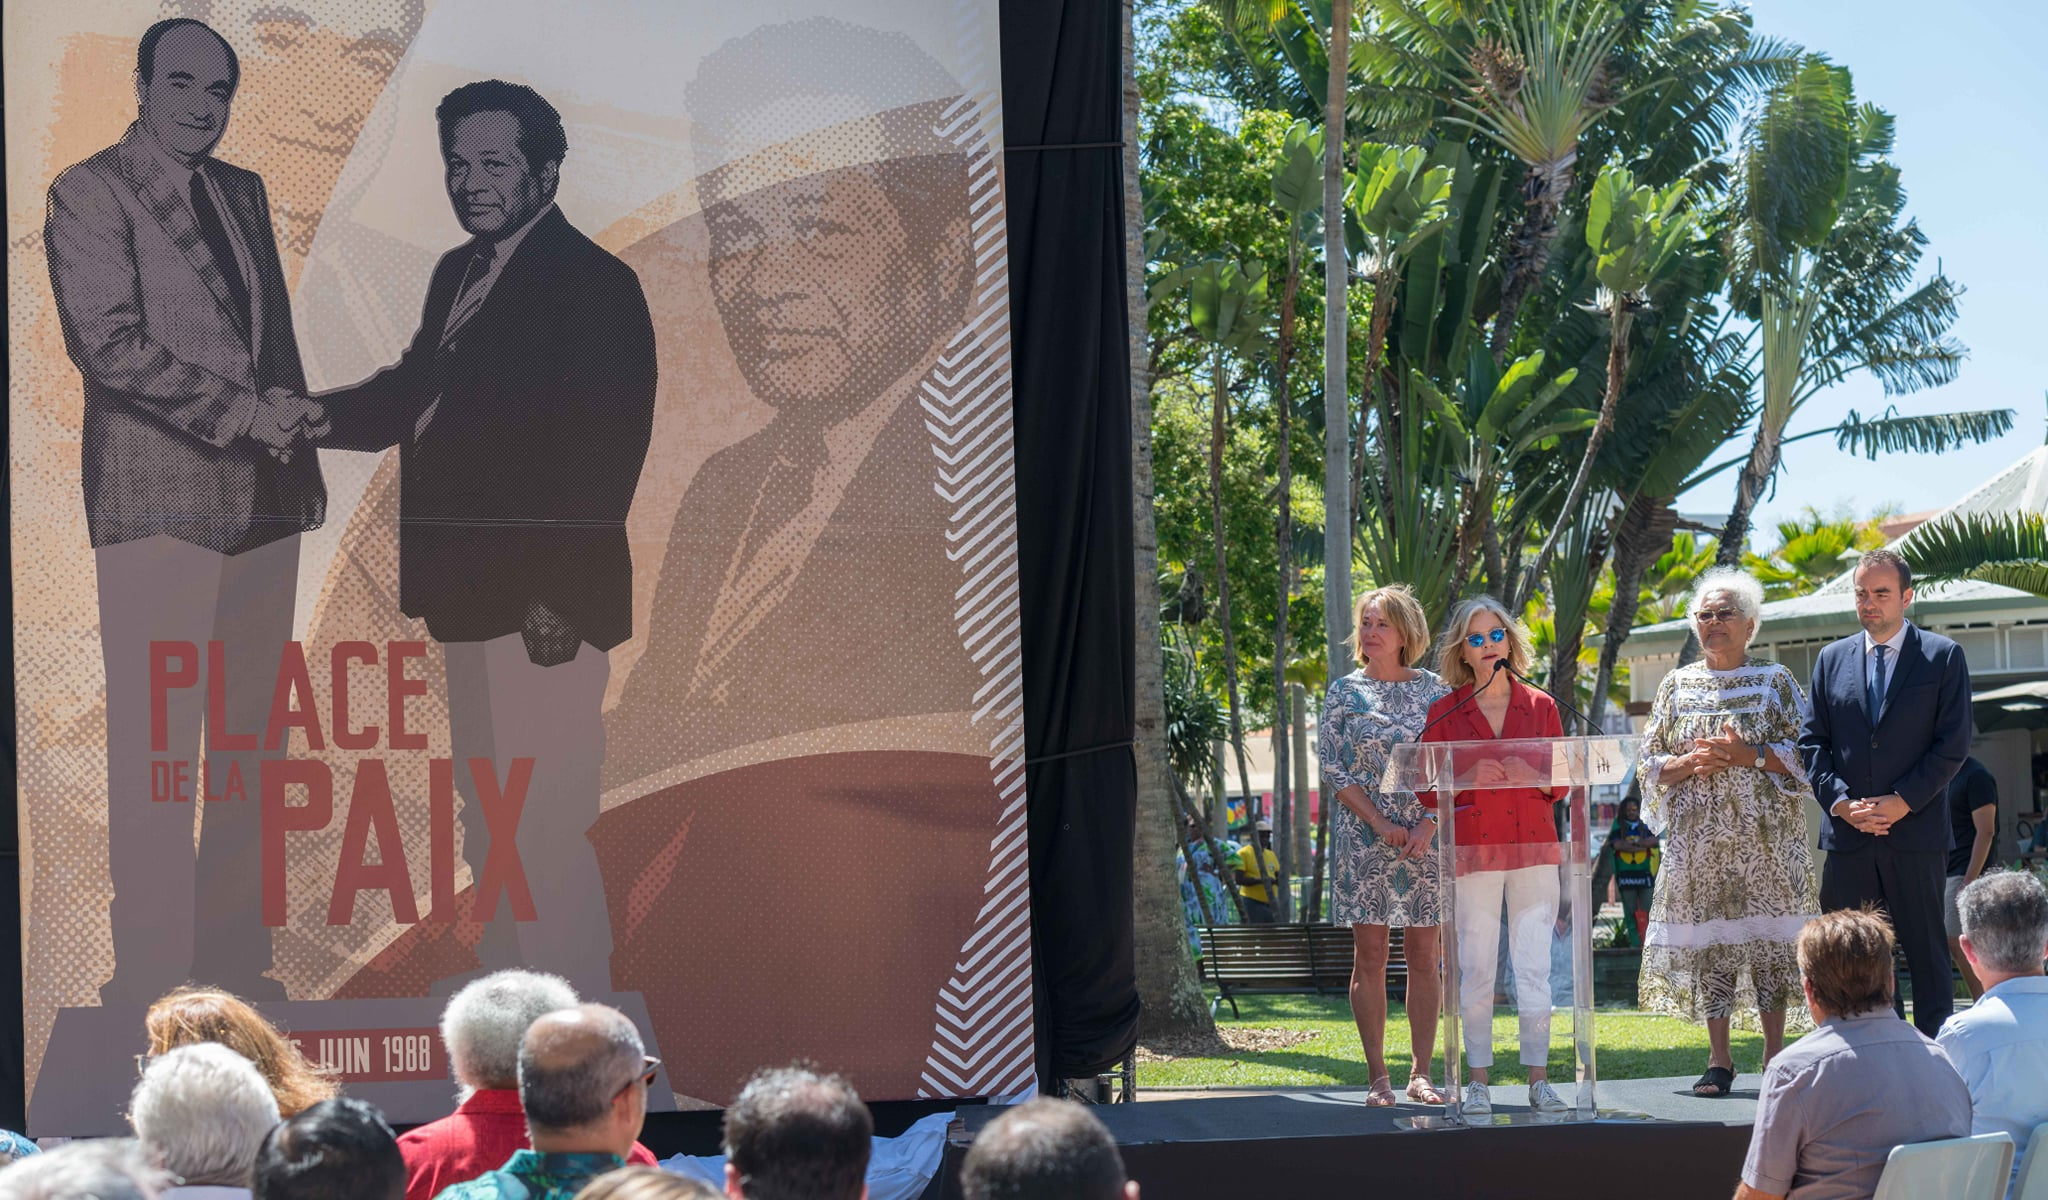 Nouvelle-Calédonie : Fin du square Olry qui devient « Place de la Paix »